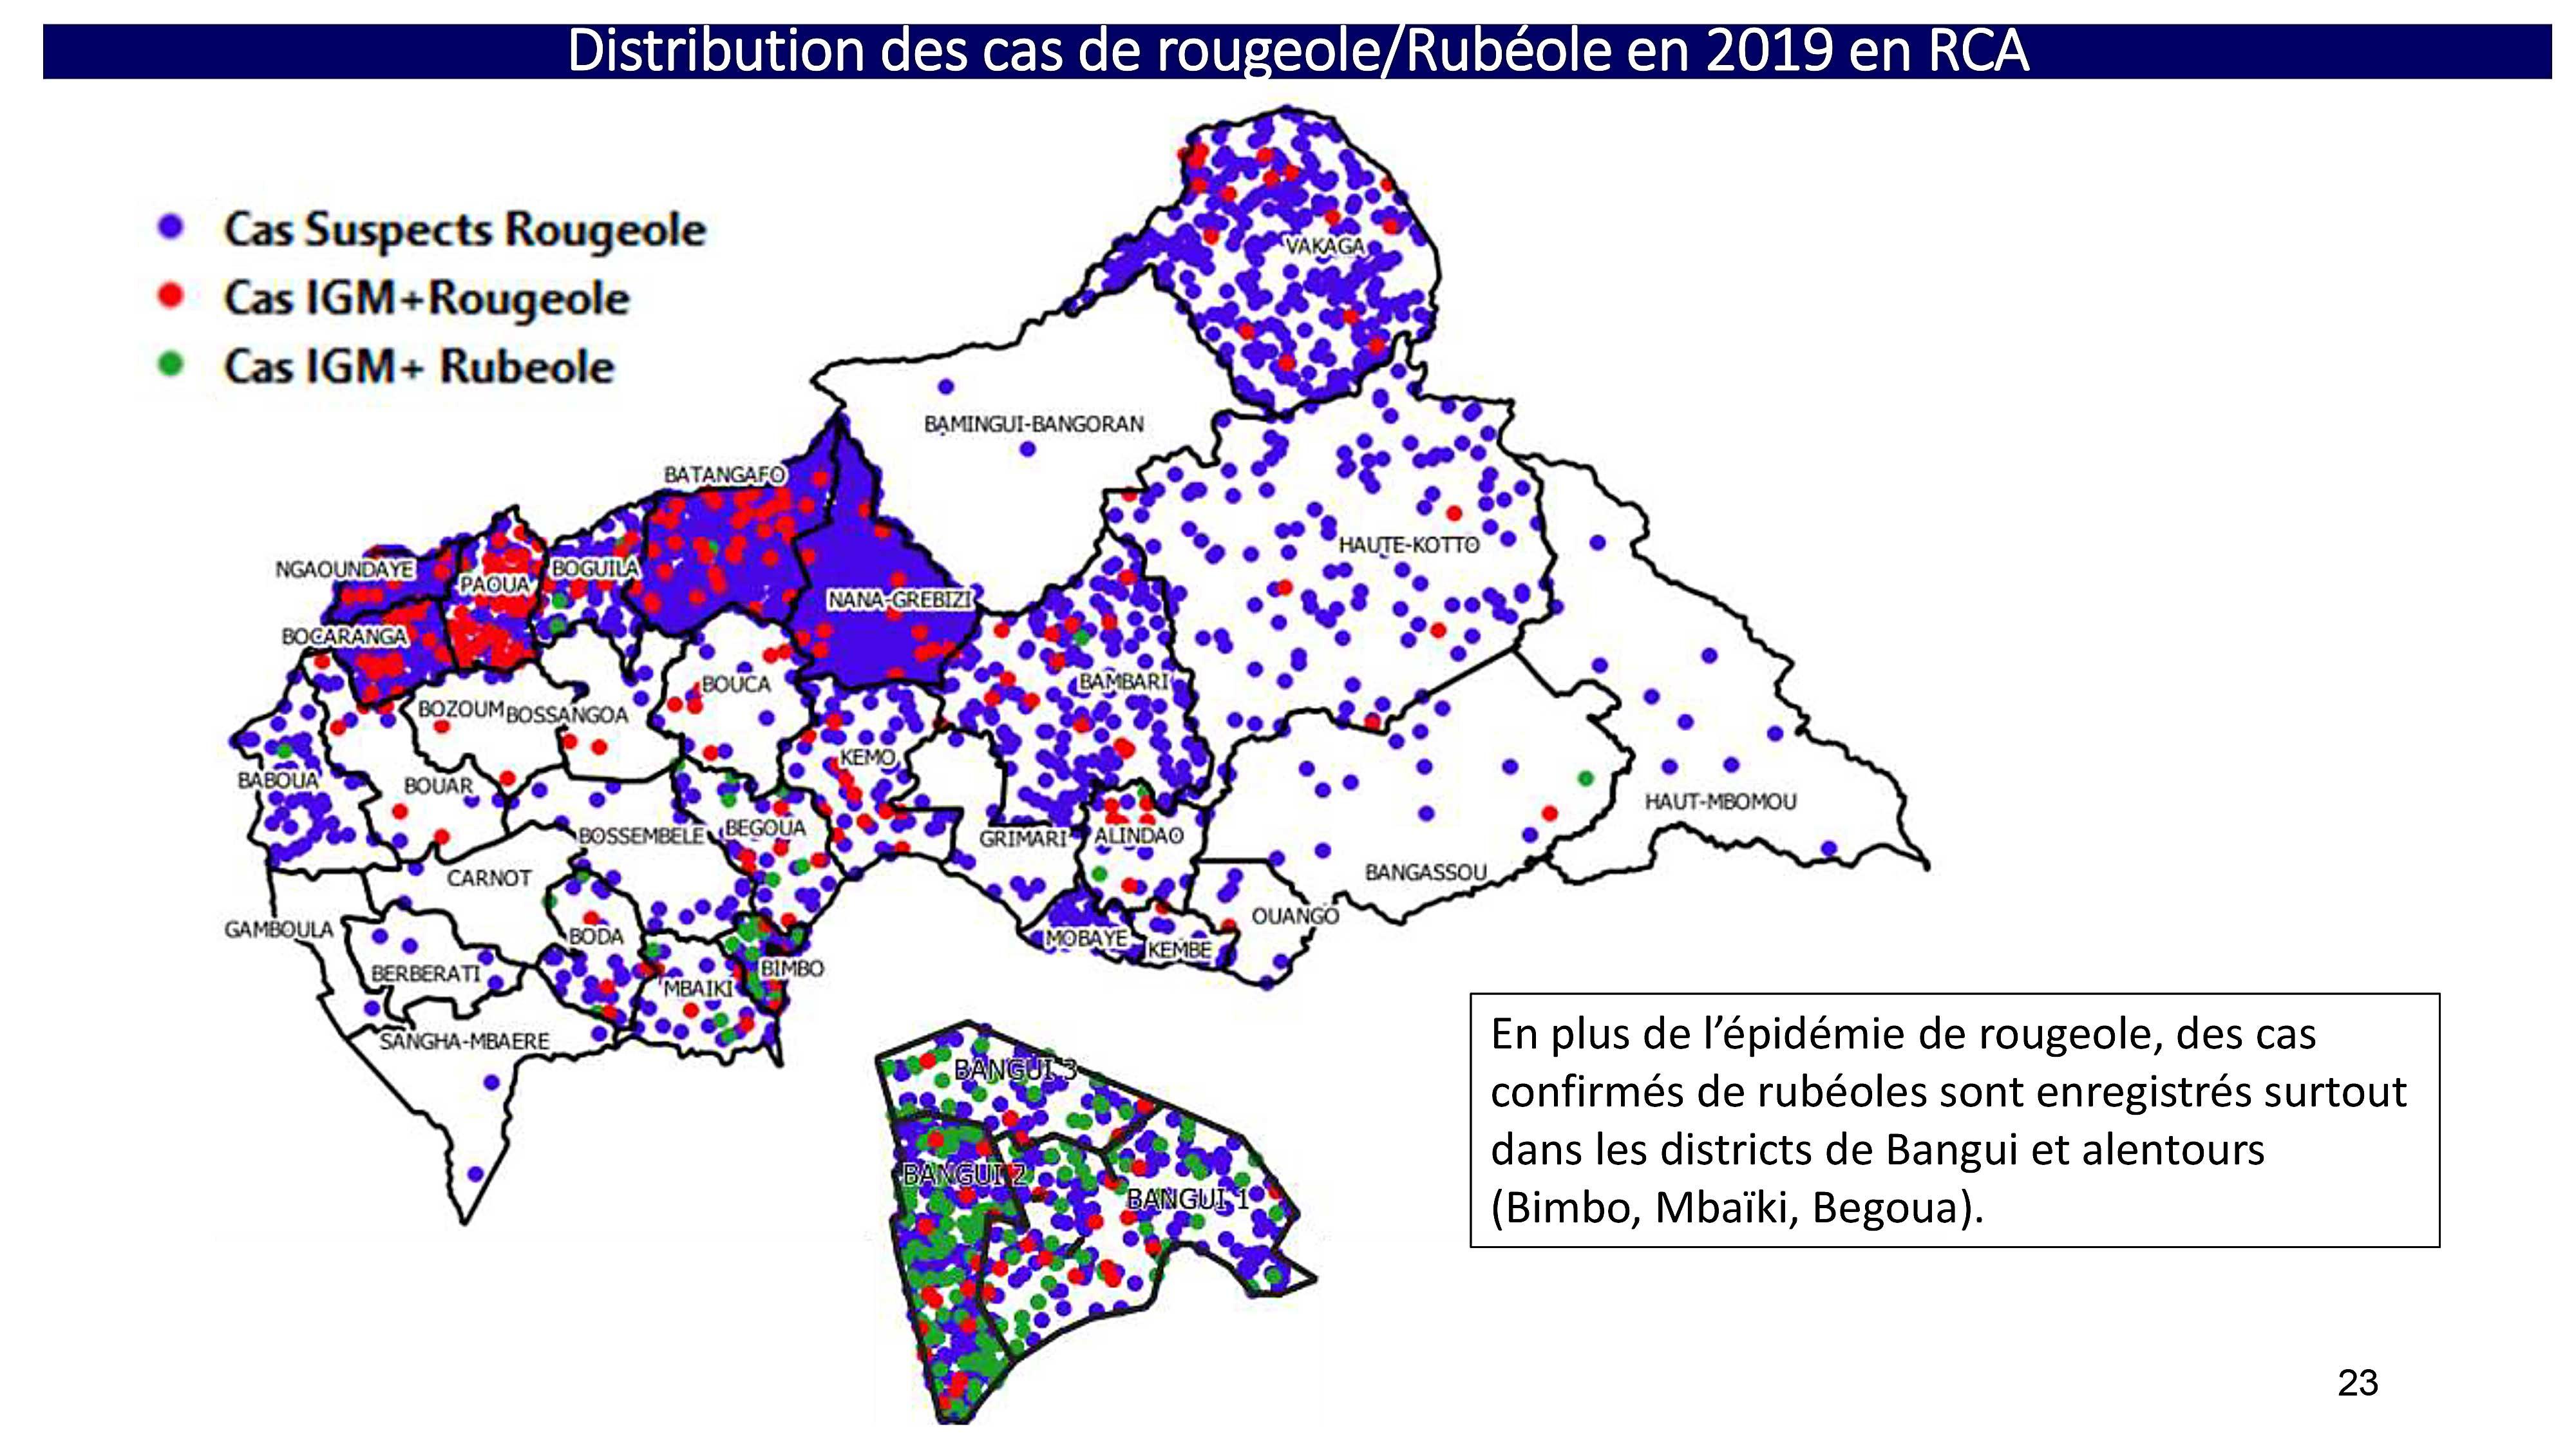 En République Centrafricaine, les cas de rougeole ont bondi à 3284 cas suspects au 20 janvier 2020, comparé à 240 cas en 2018 selon le Ministère de la Santé. L'épidémie enflamme 17 districts de santé du pays sur 35 et a causé 52 décès. Le ministère de la santé organise la riposte à l'épidémie en collaboration avec l'OMS, l'UNICEF, GAVI et les autres partenaires. Comment en est-on arrivé là ?